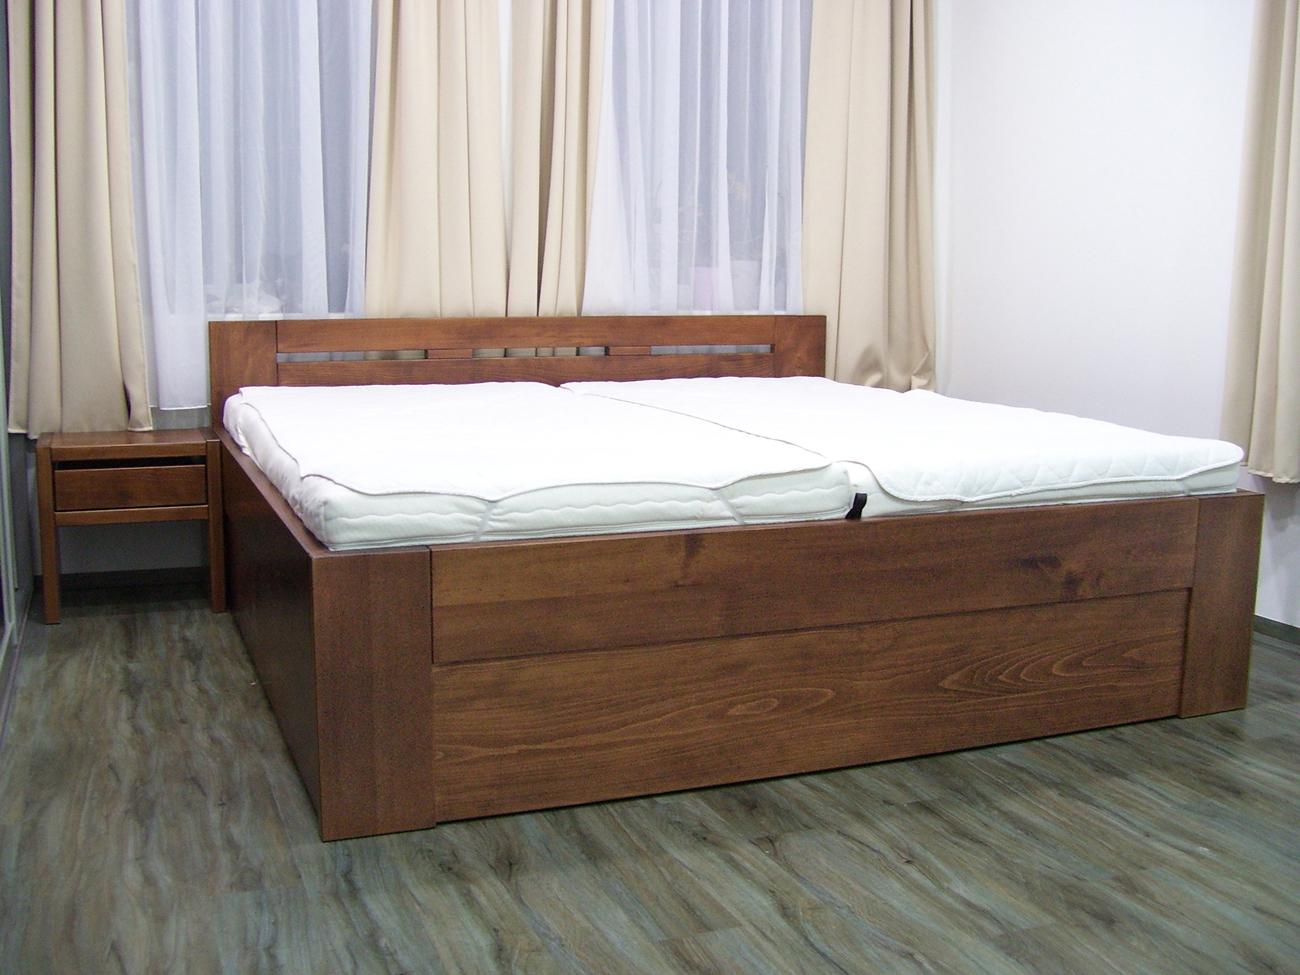 Postel z masivu Denis 200x200, dřevina:buk, povrch: mořeno ořech + čirý lak, s výklopným roštem, foto: postelezmasivu.com